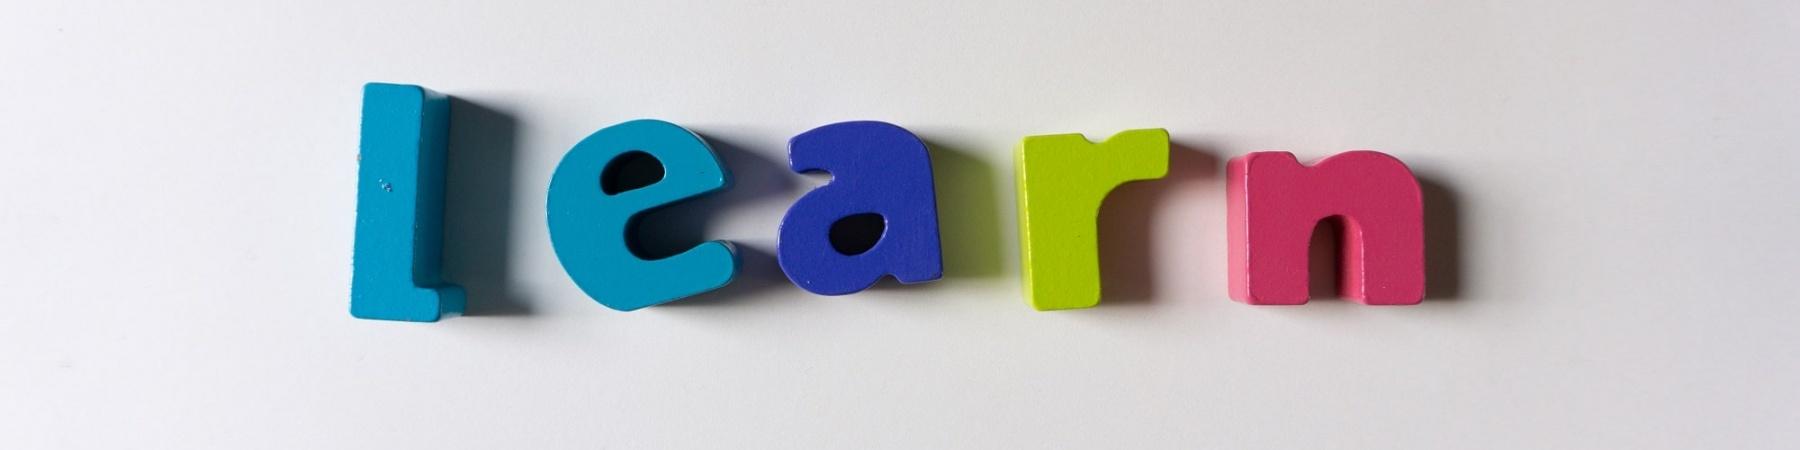 lavagnetta magnetica con attaccate lettere colorate a formare la parola learn